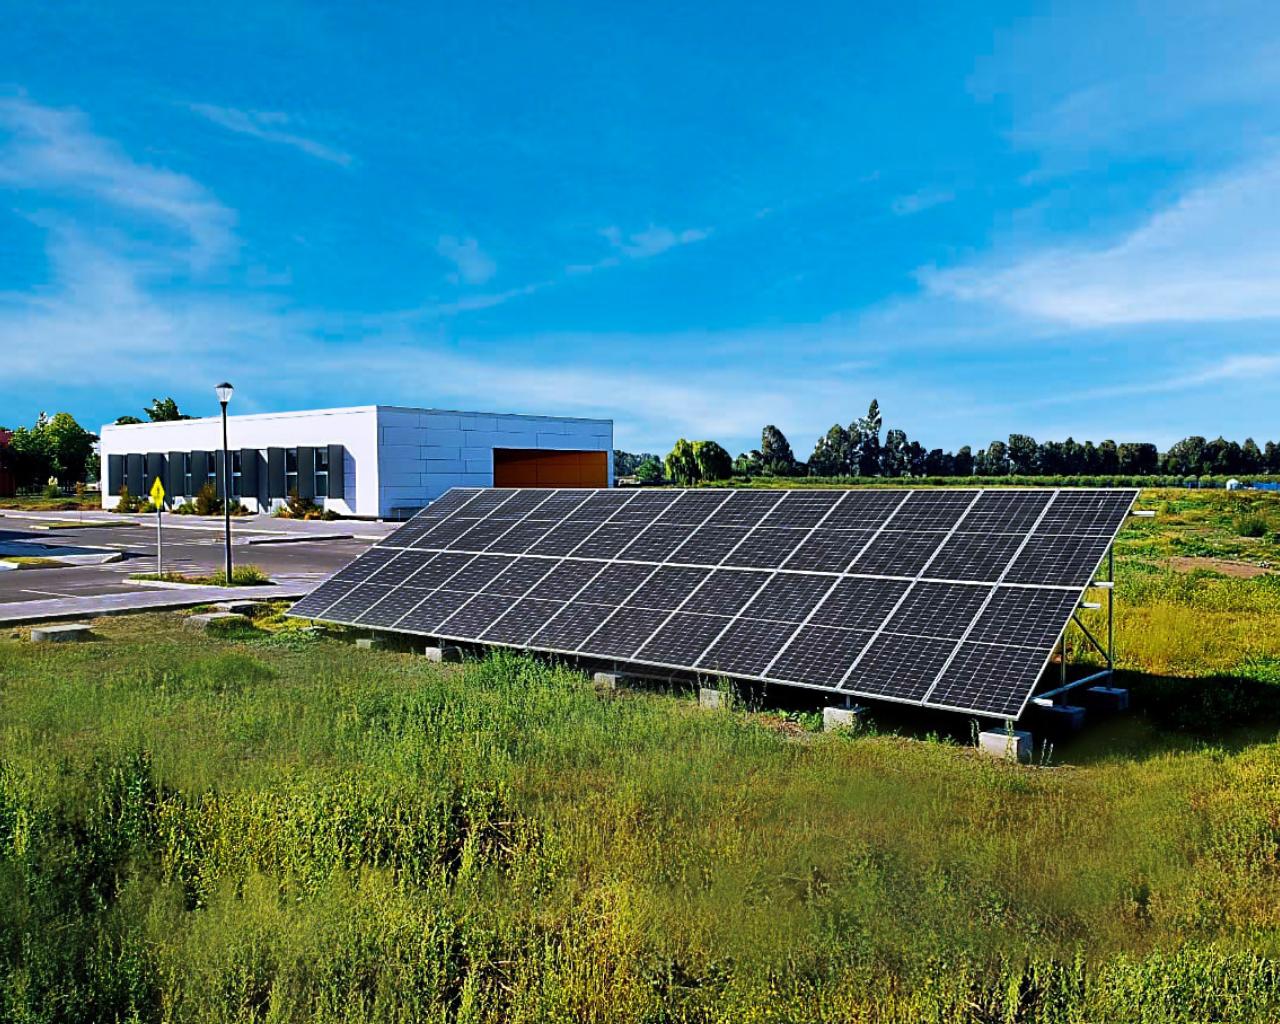 Inaugurada planta solar fotovoltaica que apoyará estudio de energías sustentables